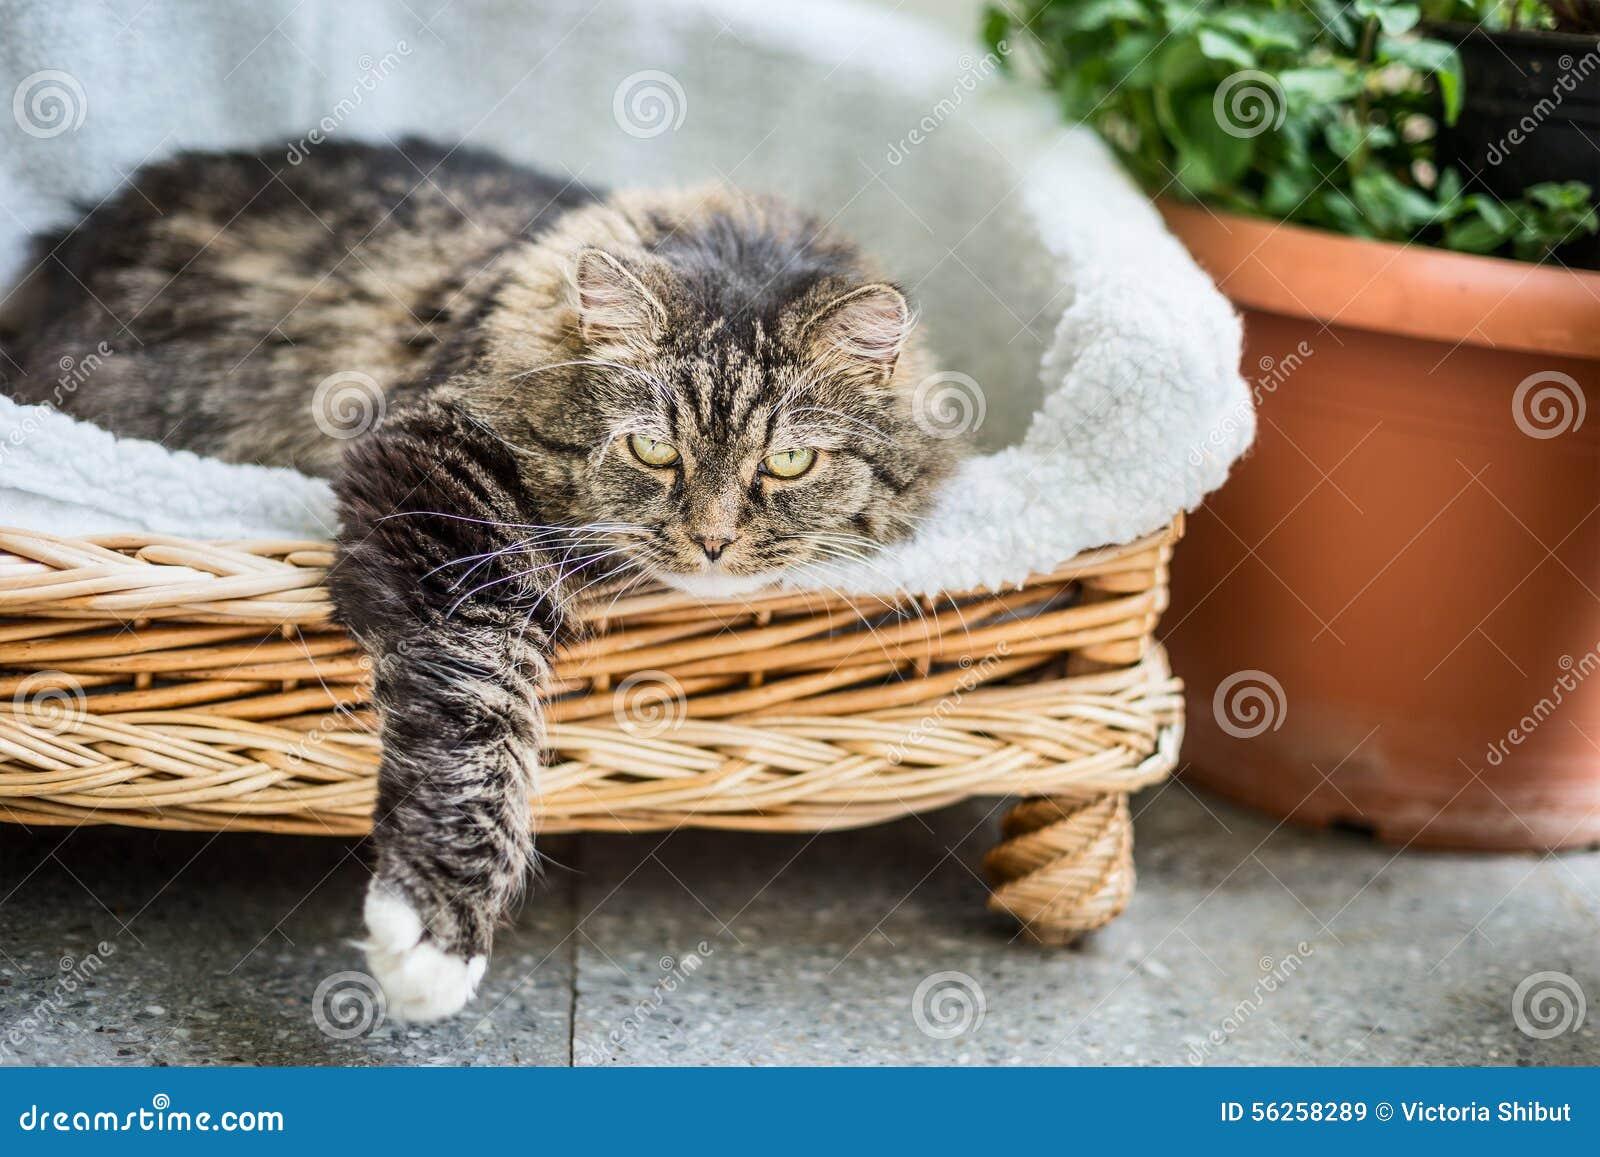 Большой пушистый кот лежа в плетеном кресле софы фаэтона на террасе балкона или сада